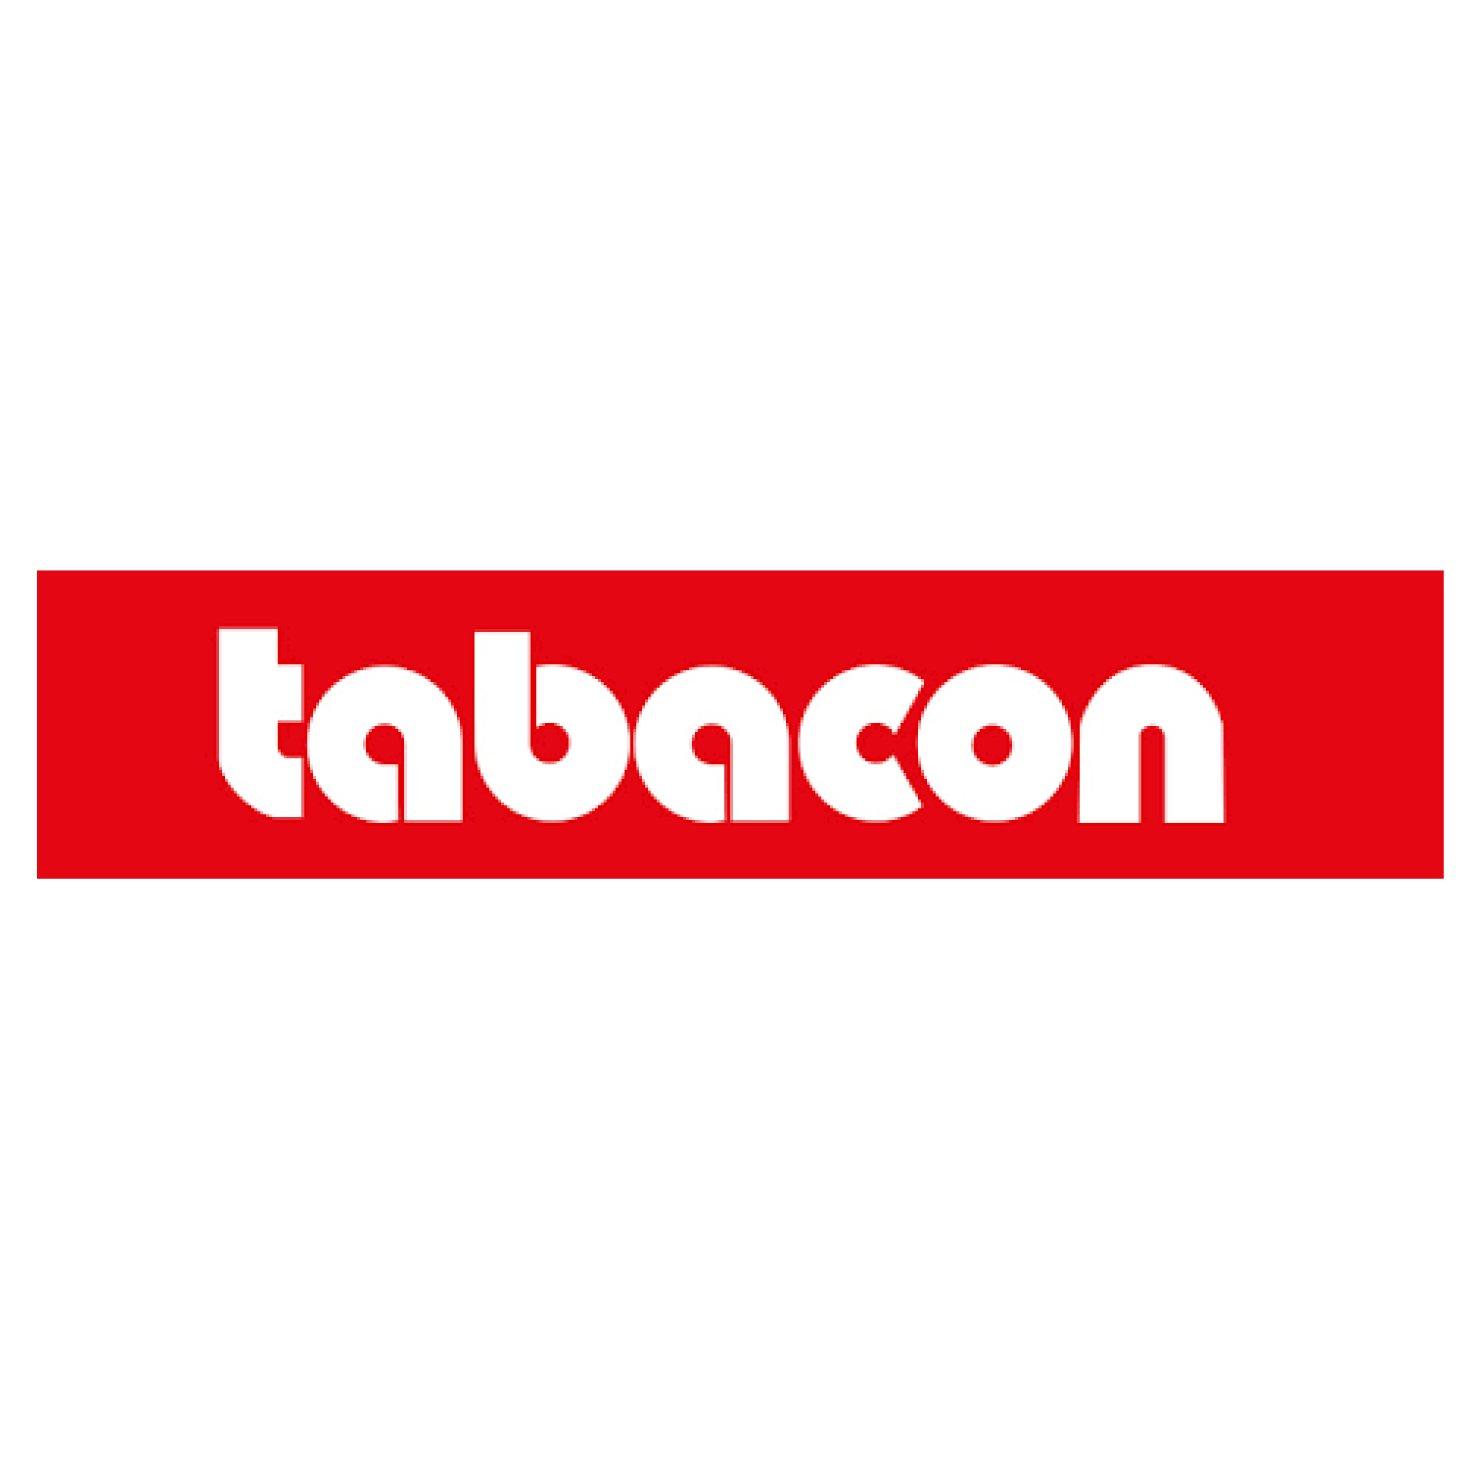 Tabacon